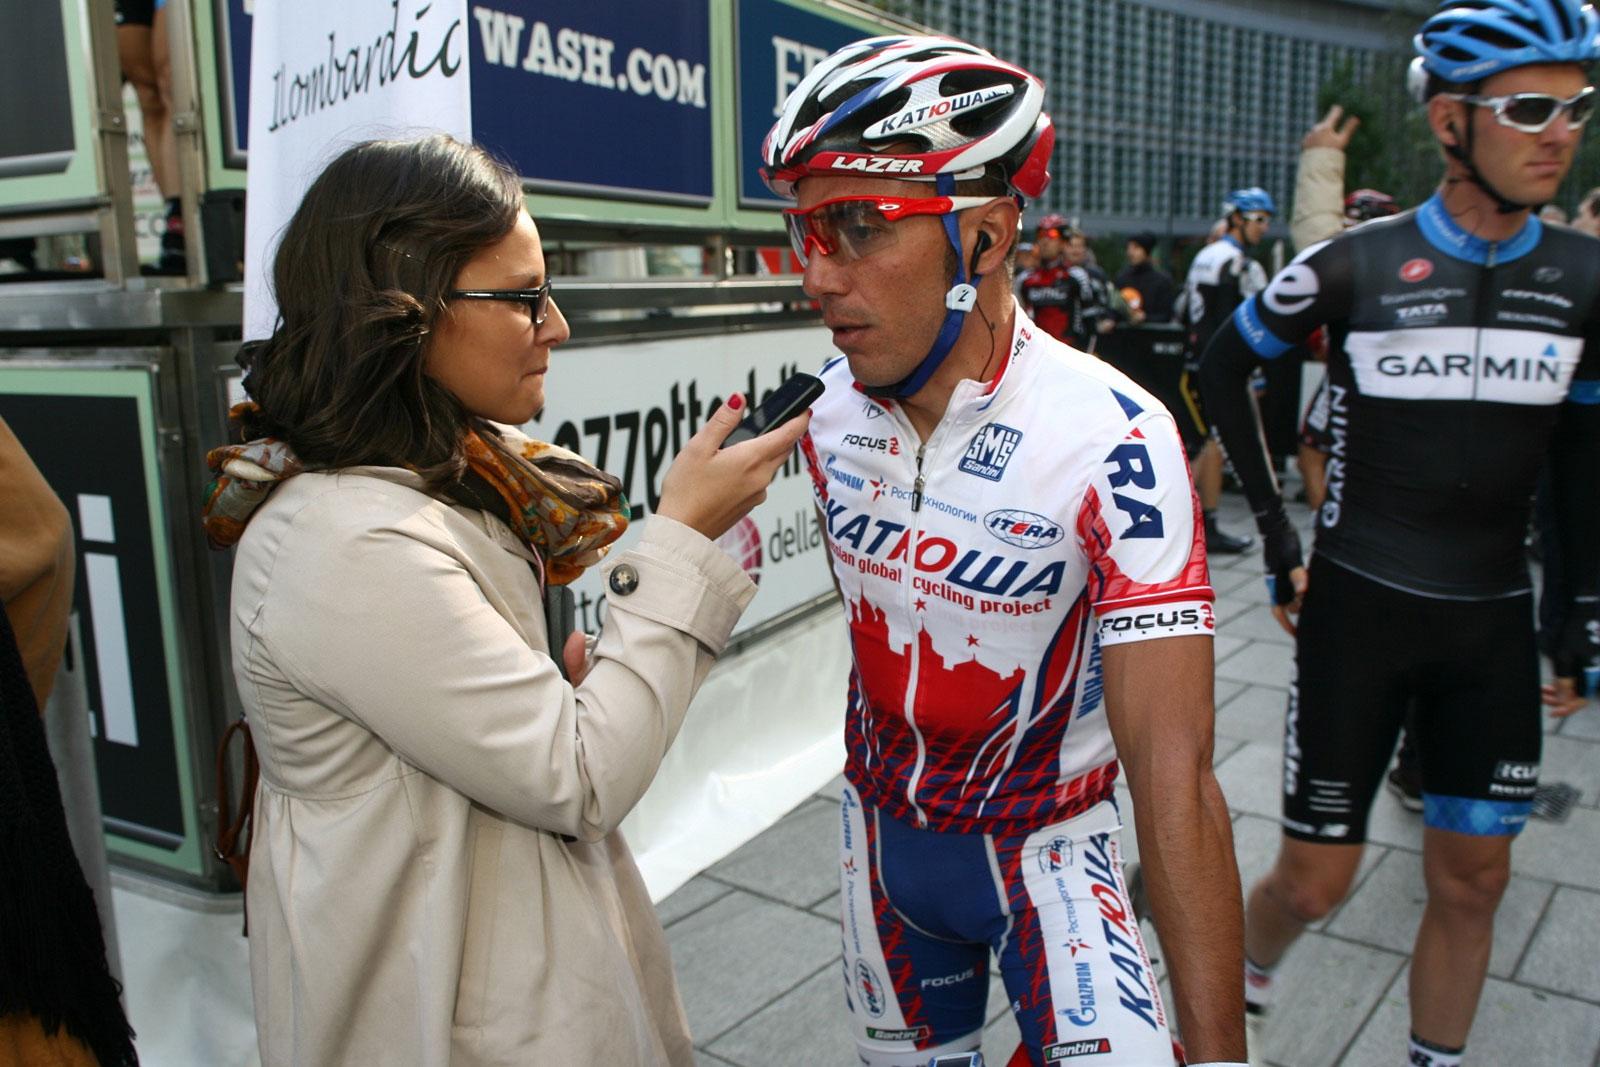 Giulia De Maio Purito Joaquin Rodriguez Lombardia ciclismo